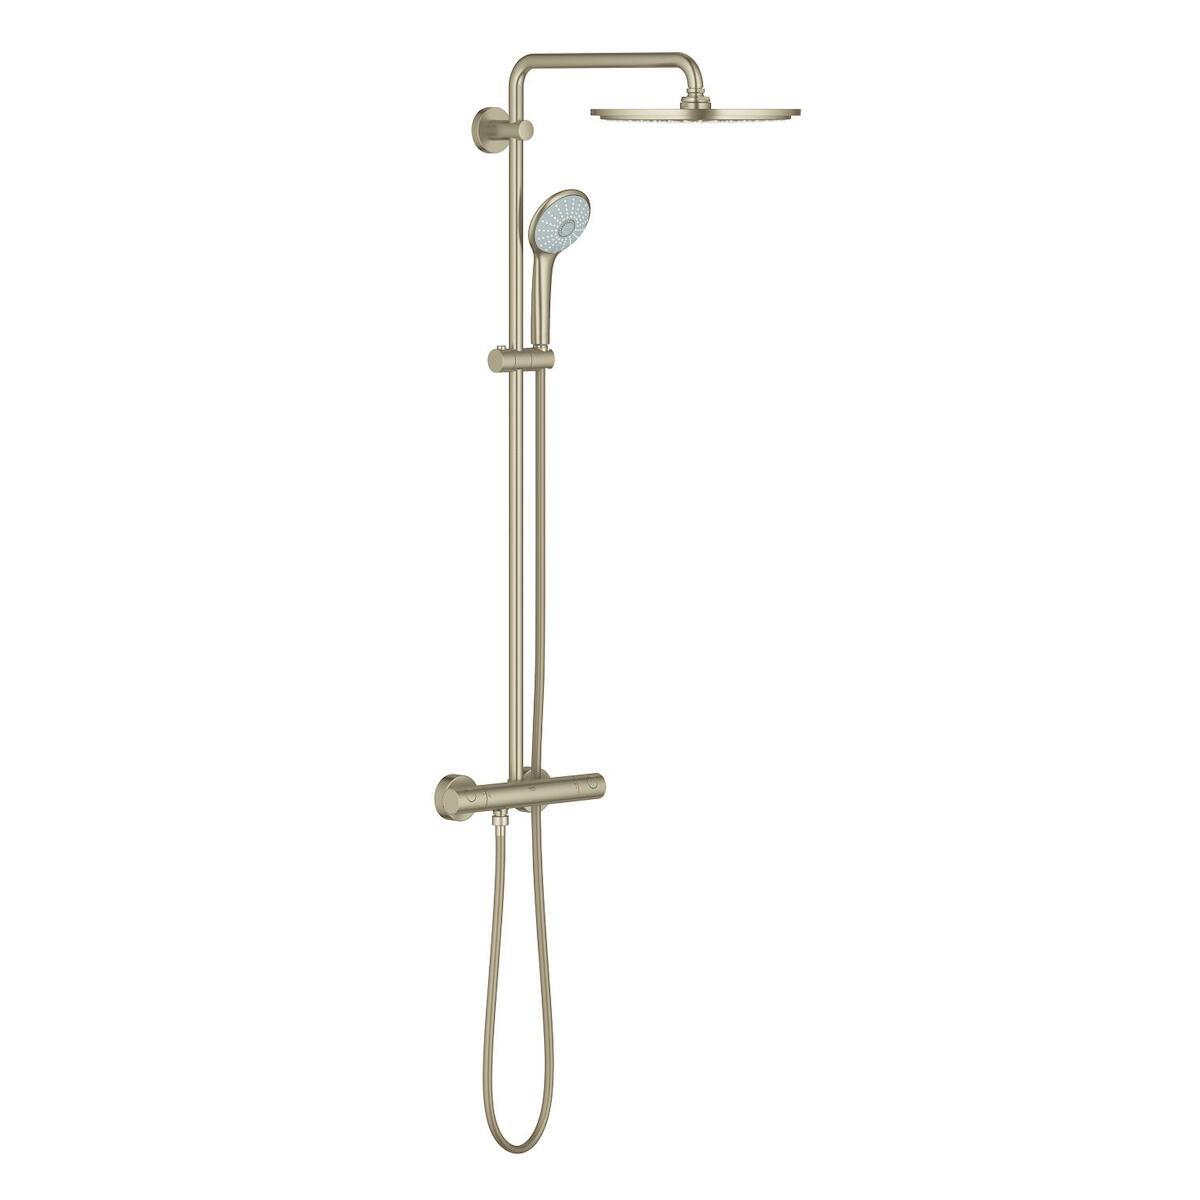 Sprchový systém Grohe Euphoria System s termostatickou baterií brushed nickel 26075EN0